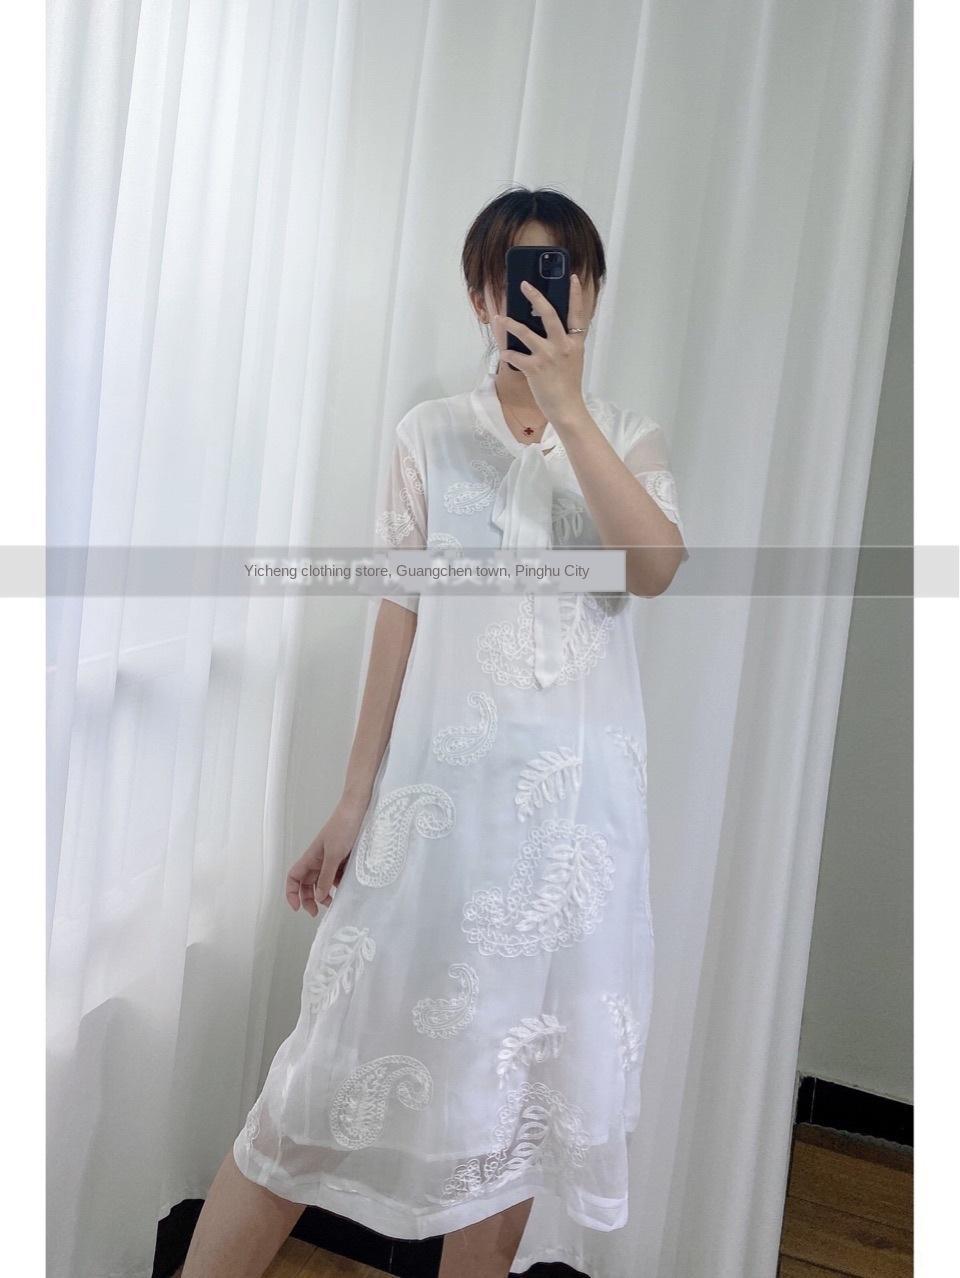 JzHlW QxpZ7 textura quadrado bolha gola manga jacquard Francês verão cintura alta linha A- branco vestido novo linha A- vestido LYQ0726X